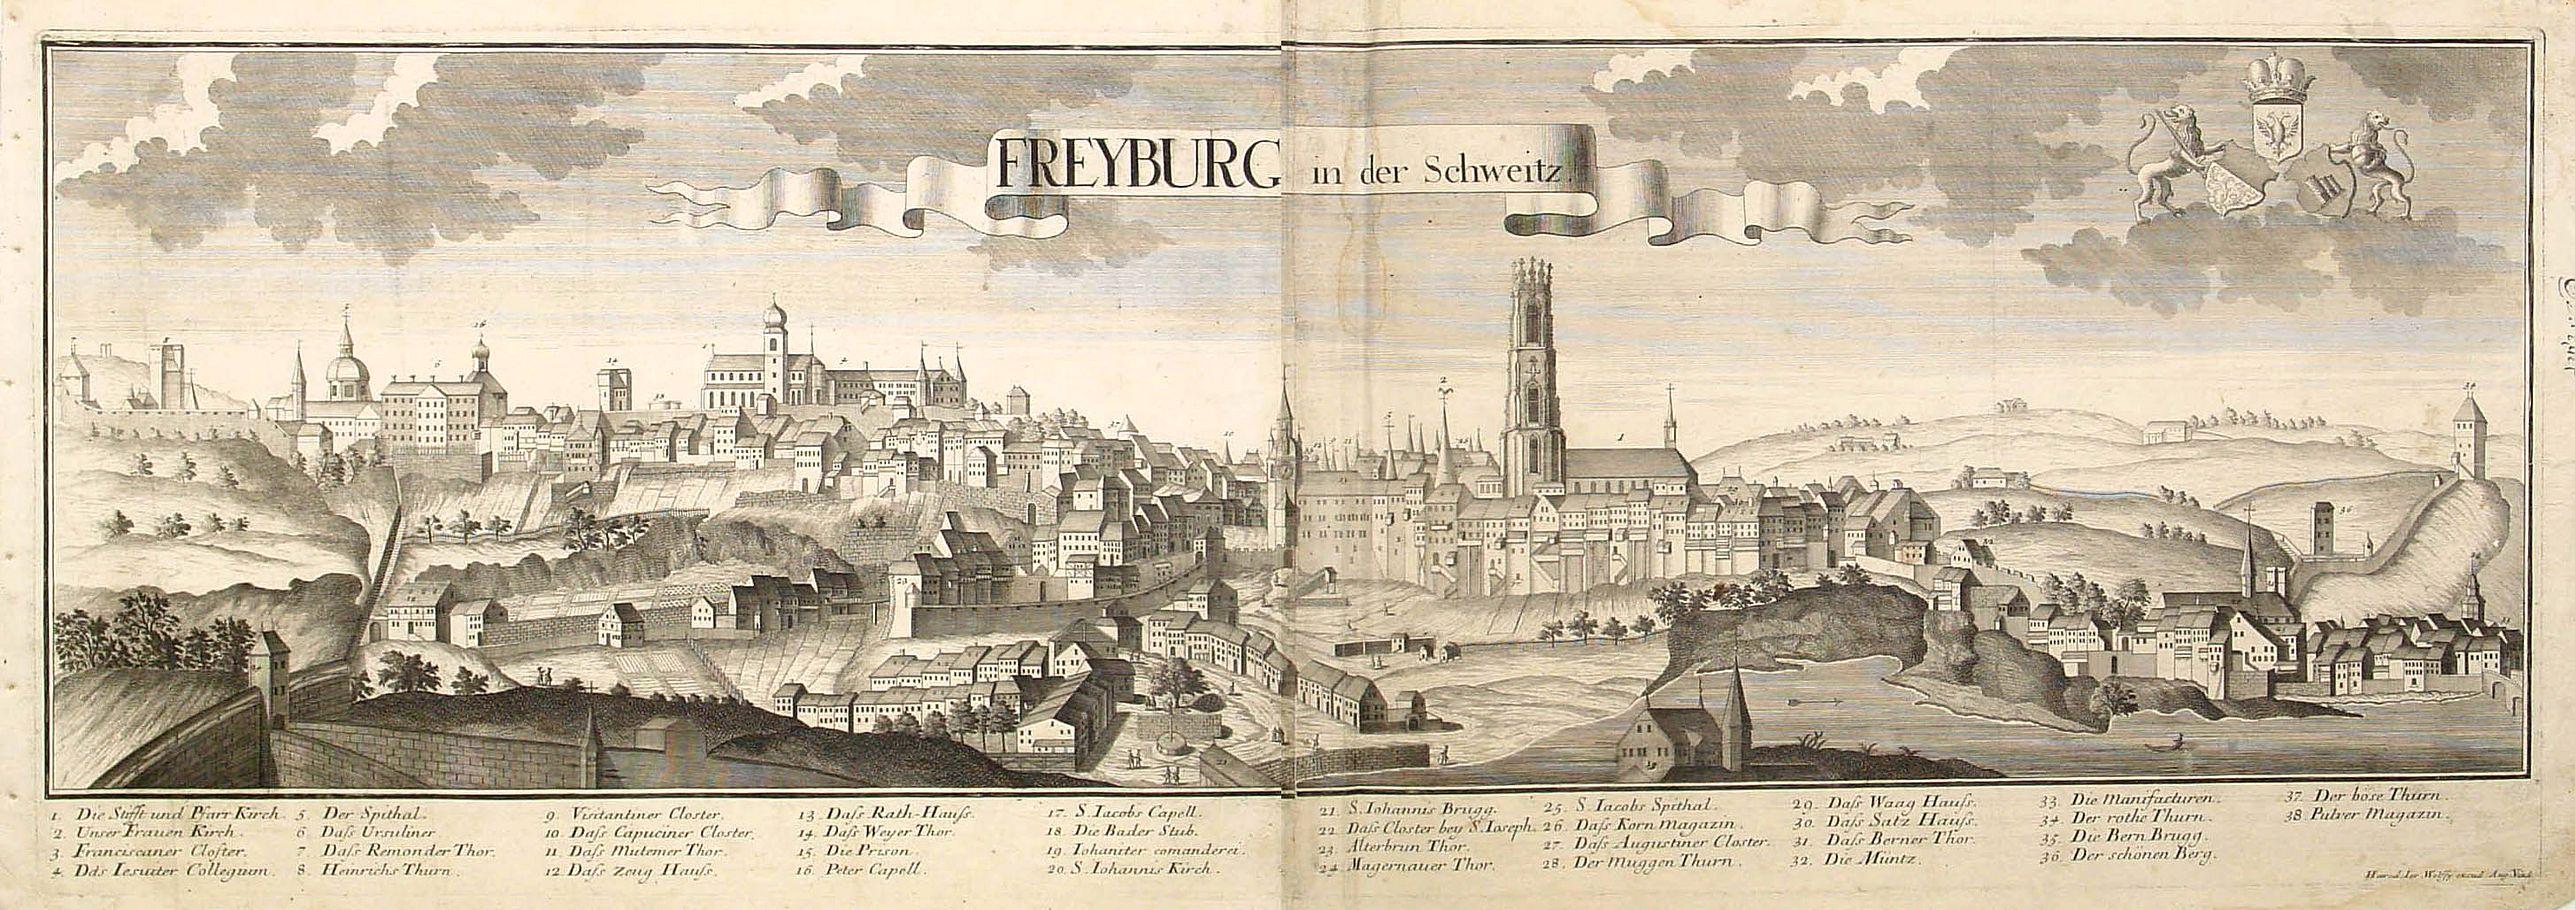 WOLFF, J. Héritiers. -  Freyburg in der Schweitz.